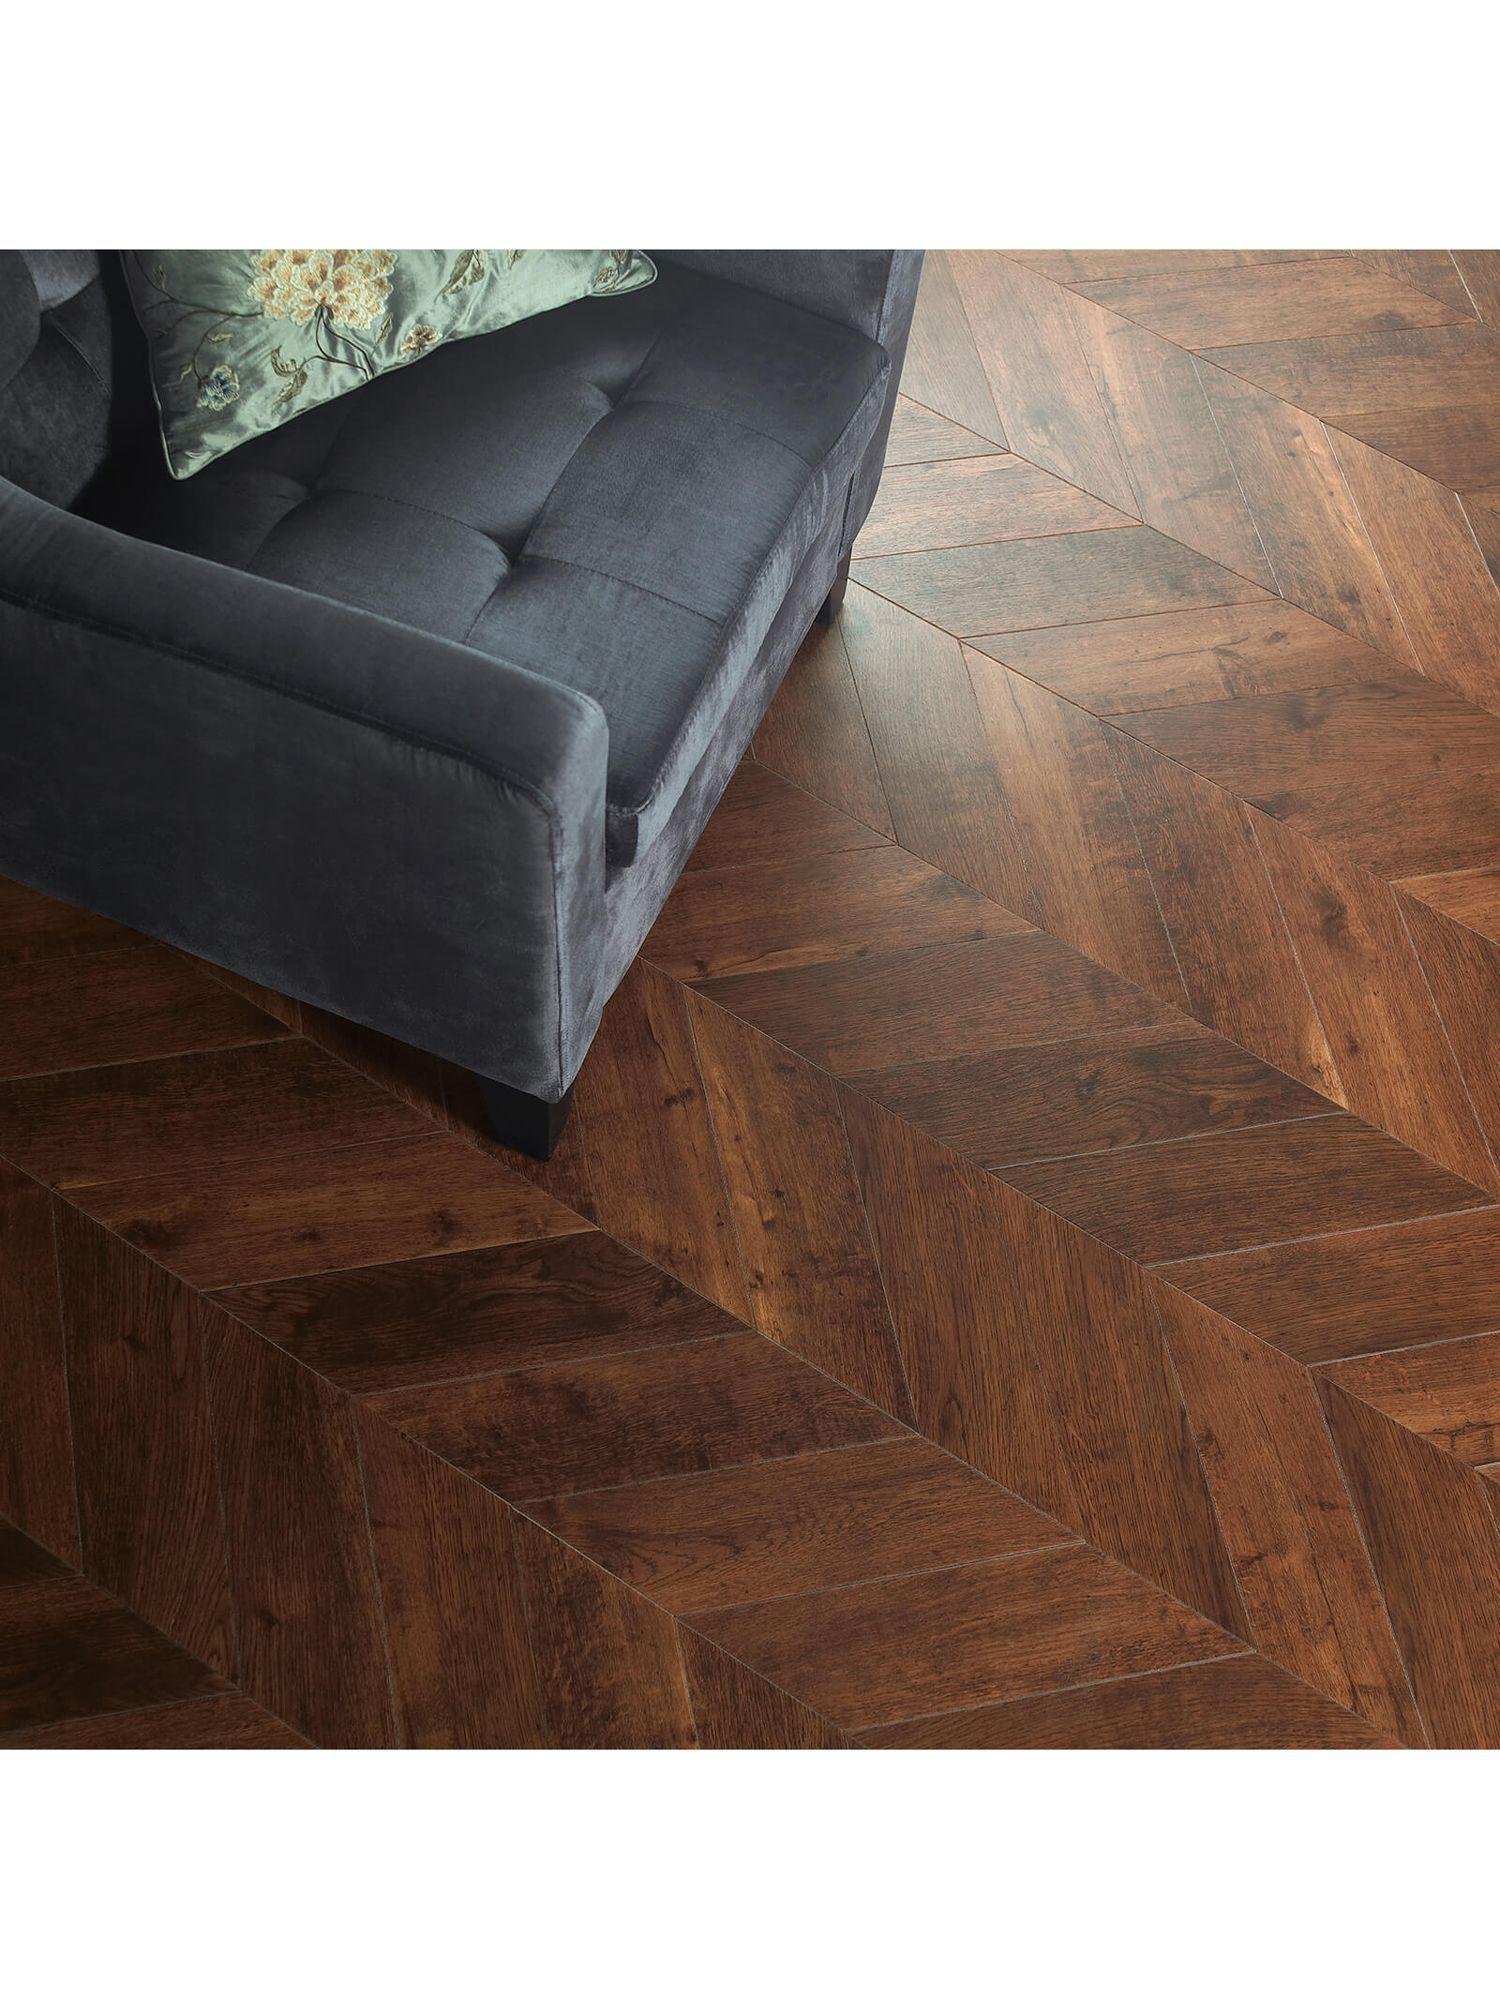 Amtico Signature Wood Luxury Vinyl Tile Flooring In 2020 Vinyl Flooring Luxury Vinyl Tile Luxury Vinyl Flooring